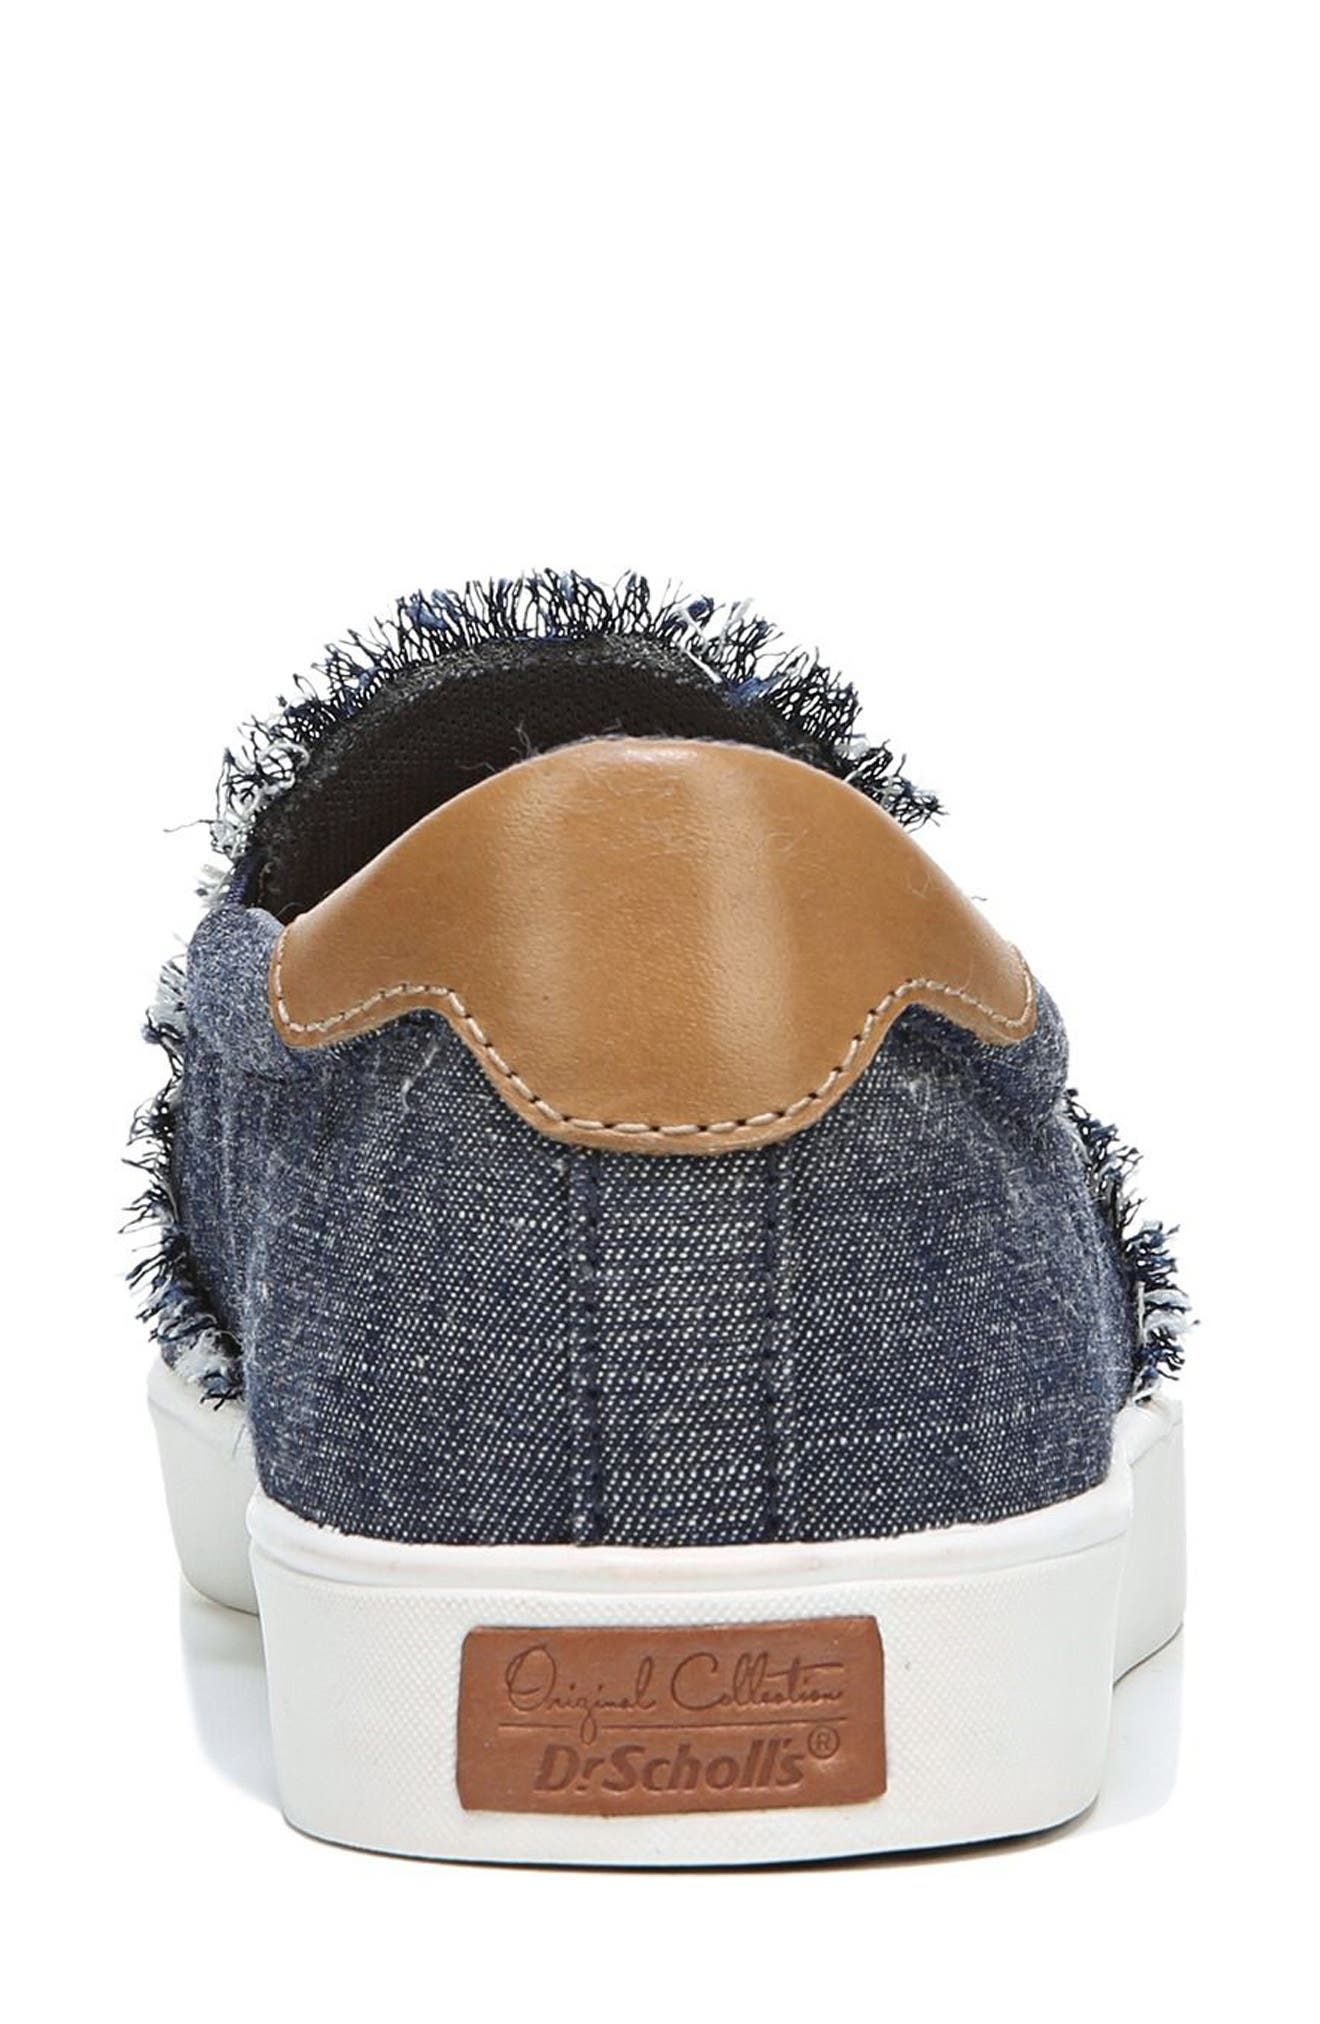 Scout Fray Slip-on Sneaker,                             Alternate thumbnail 8, color,                             400